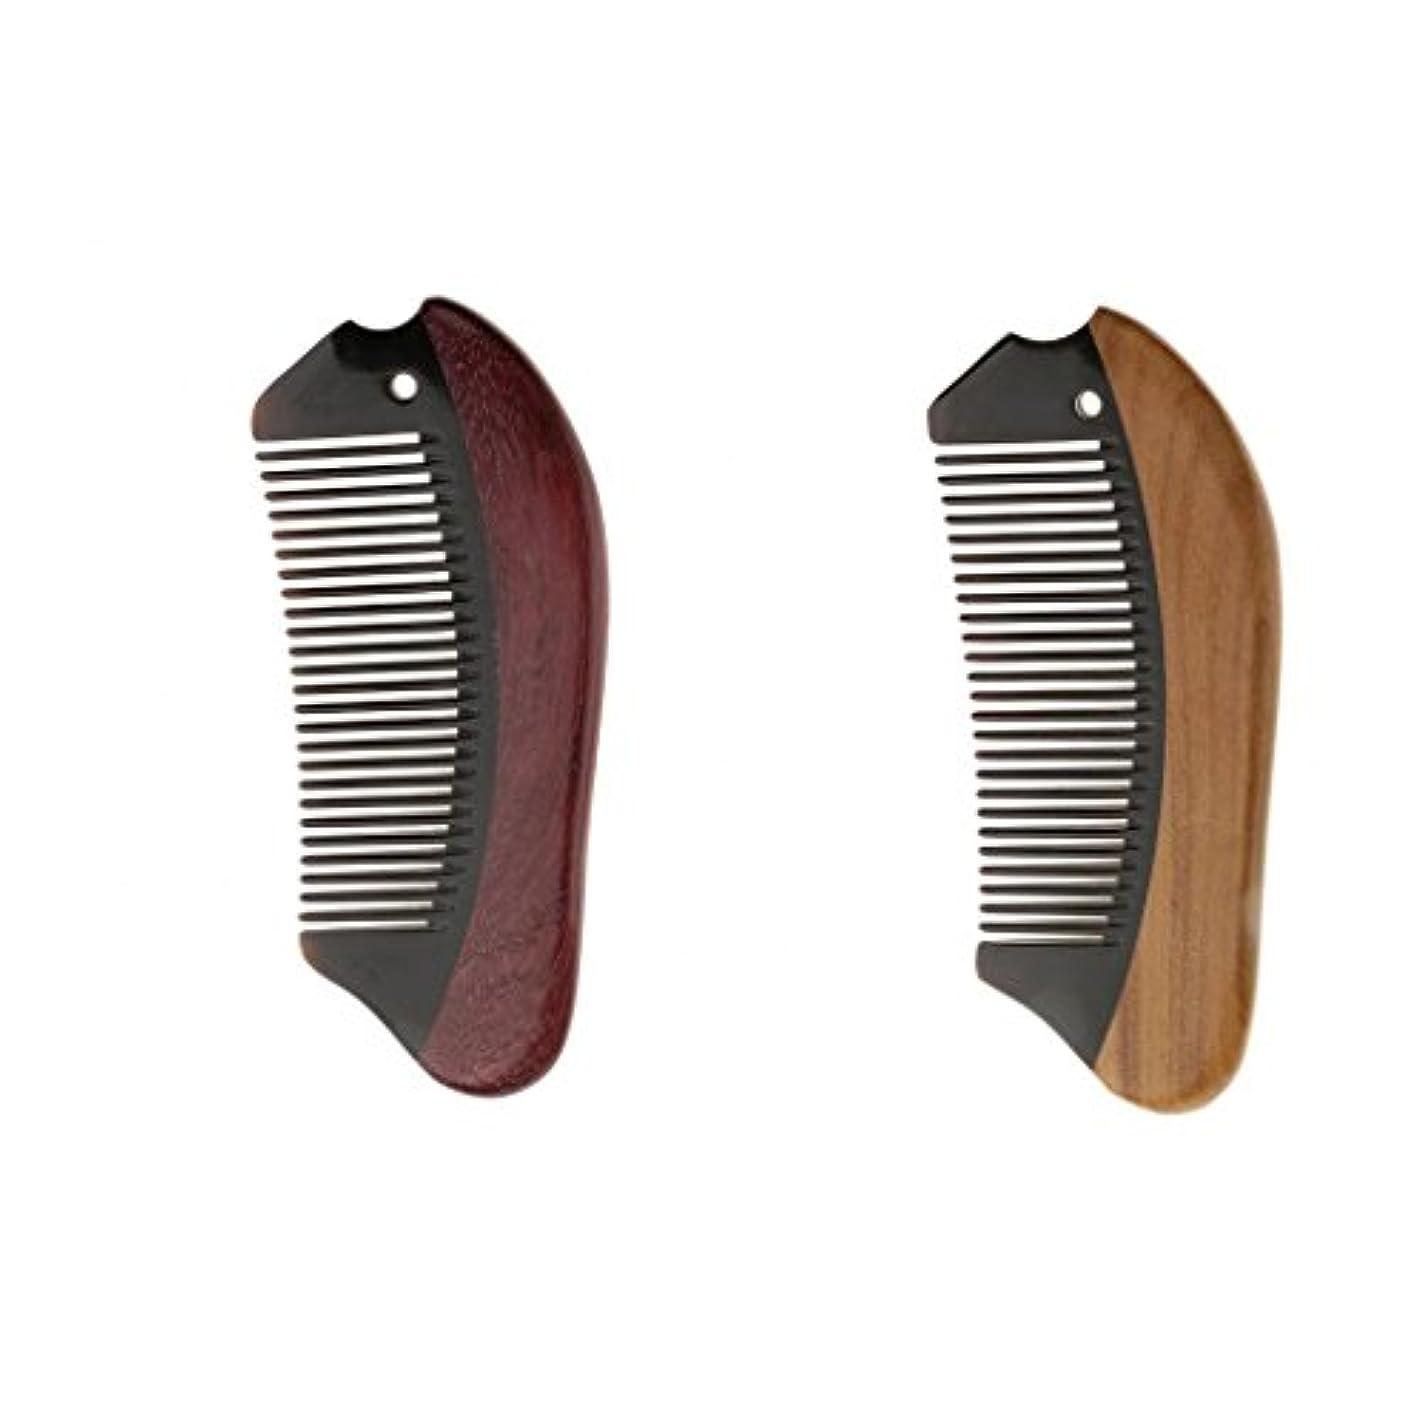 新着提案燃料Homyl 2個 木製 櫛 コーム 静電気防止 マッサージ 高品質 プレゼント 滑らか 快適